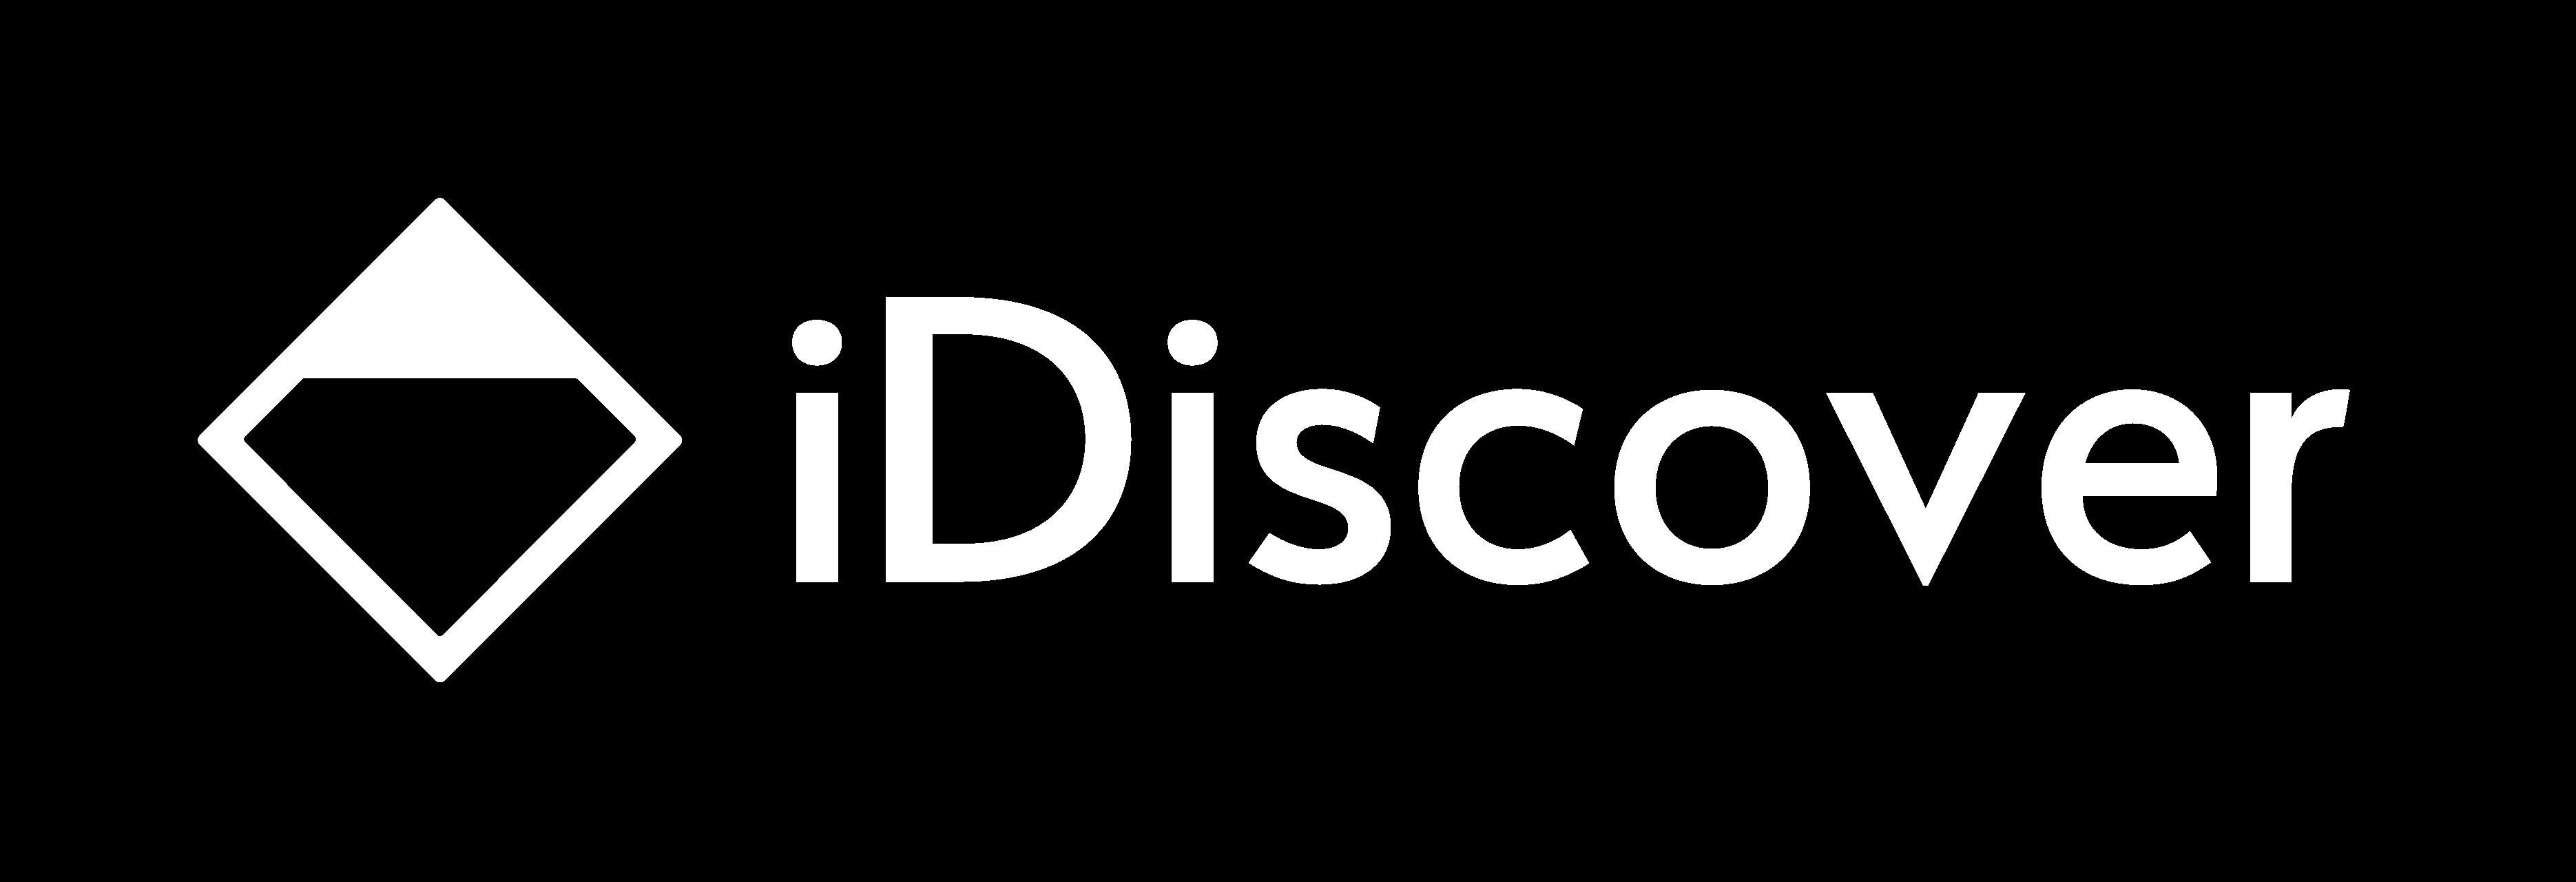 iDiscover